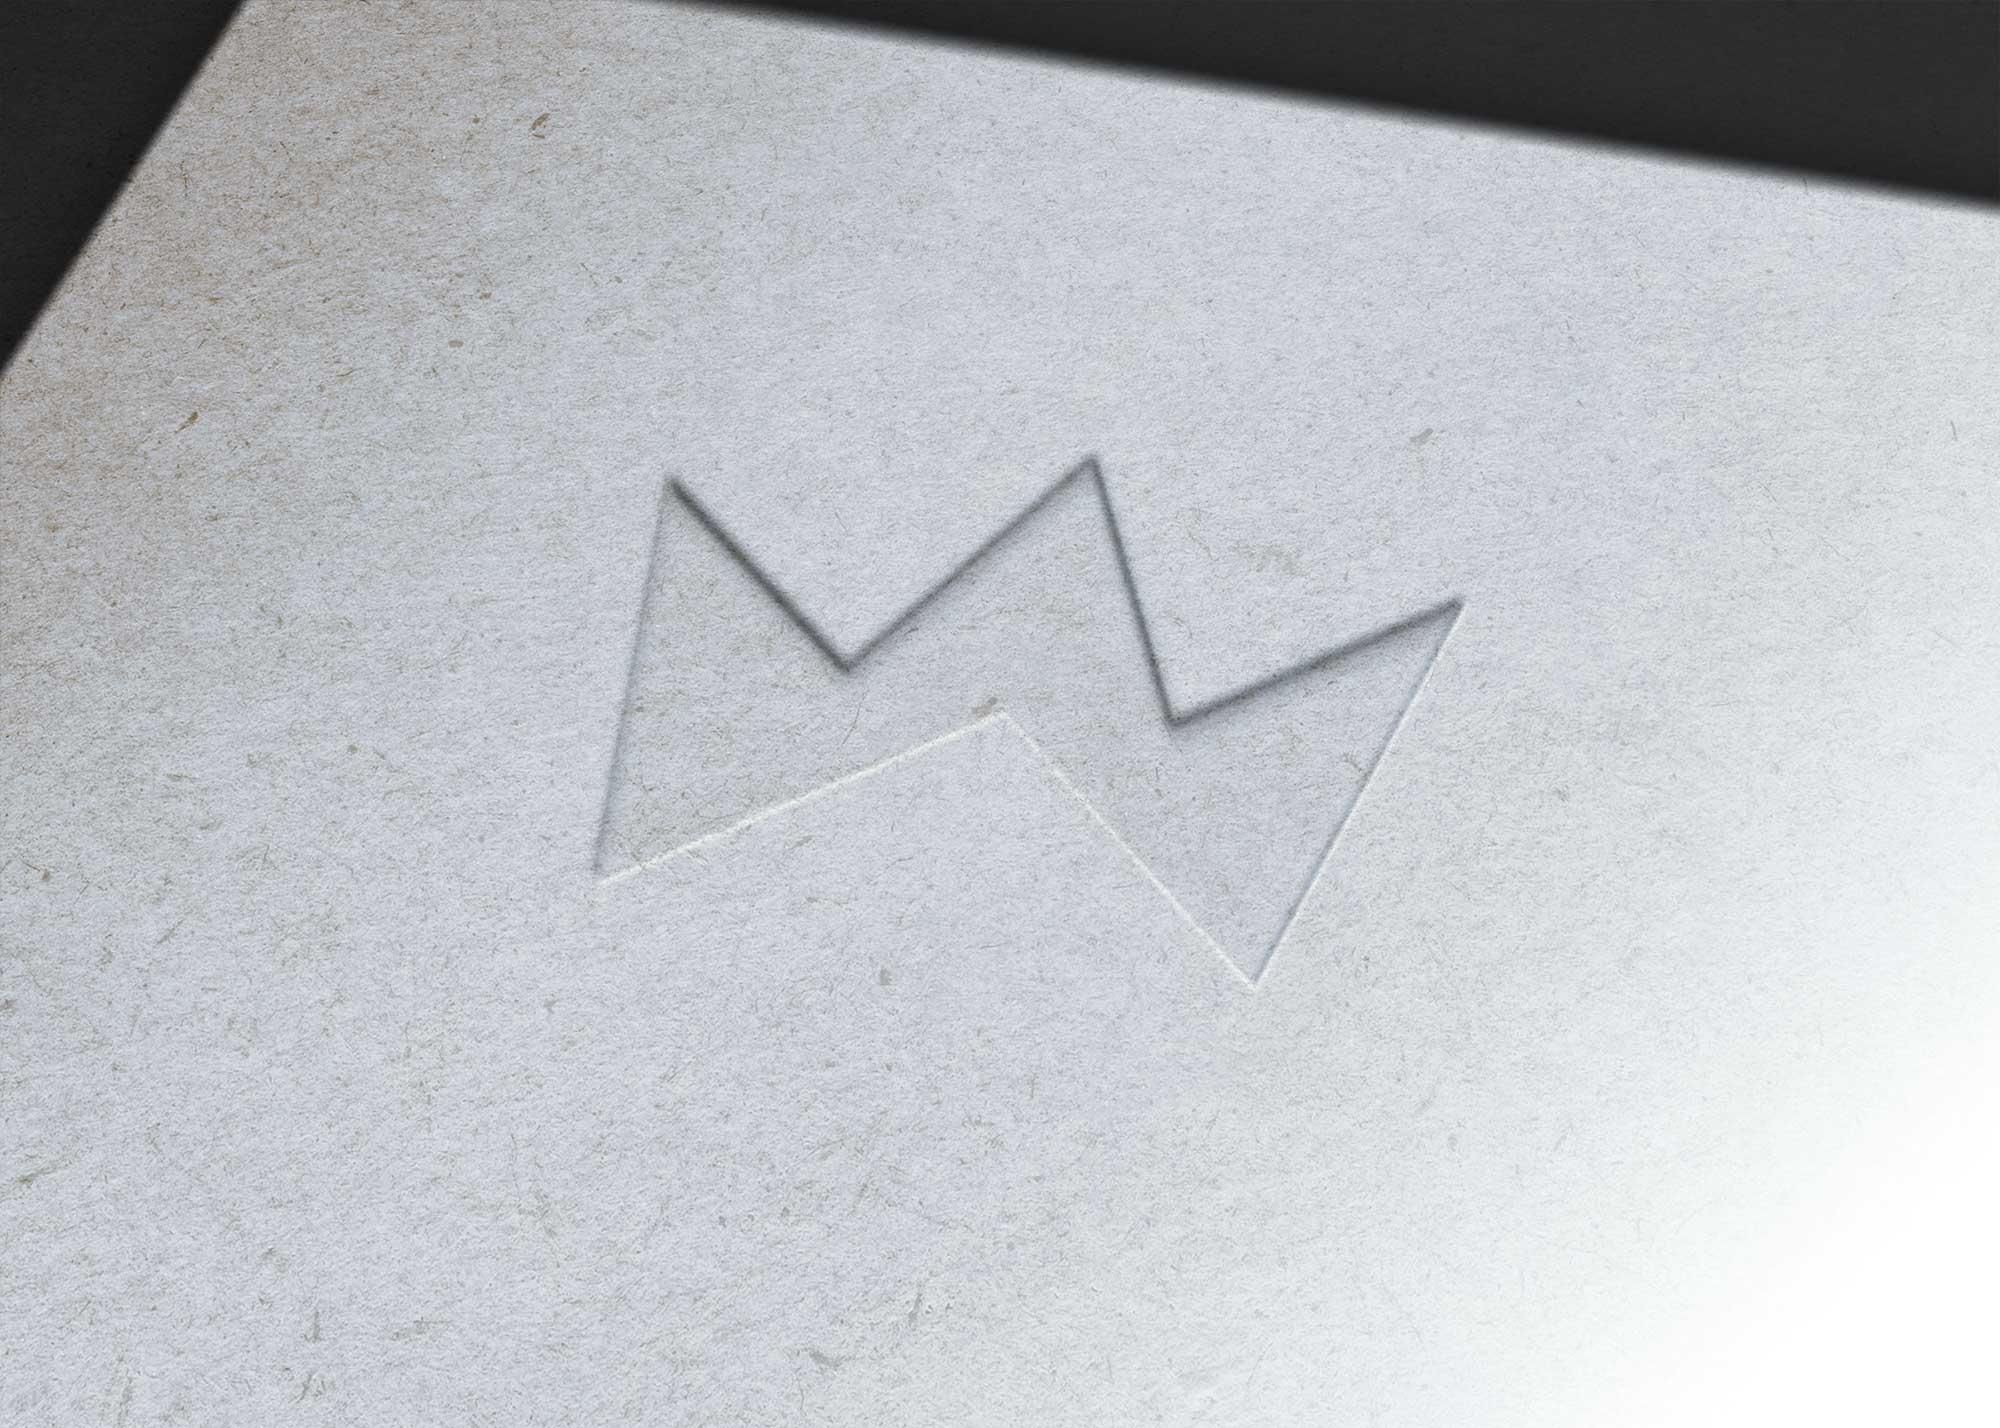 Steel Embross Logo Mockup